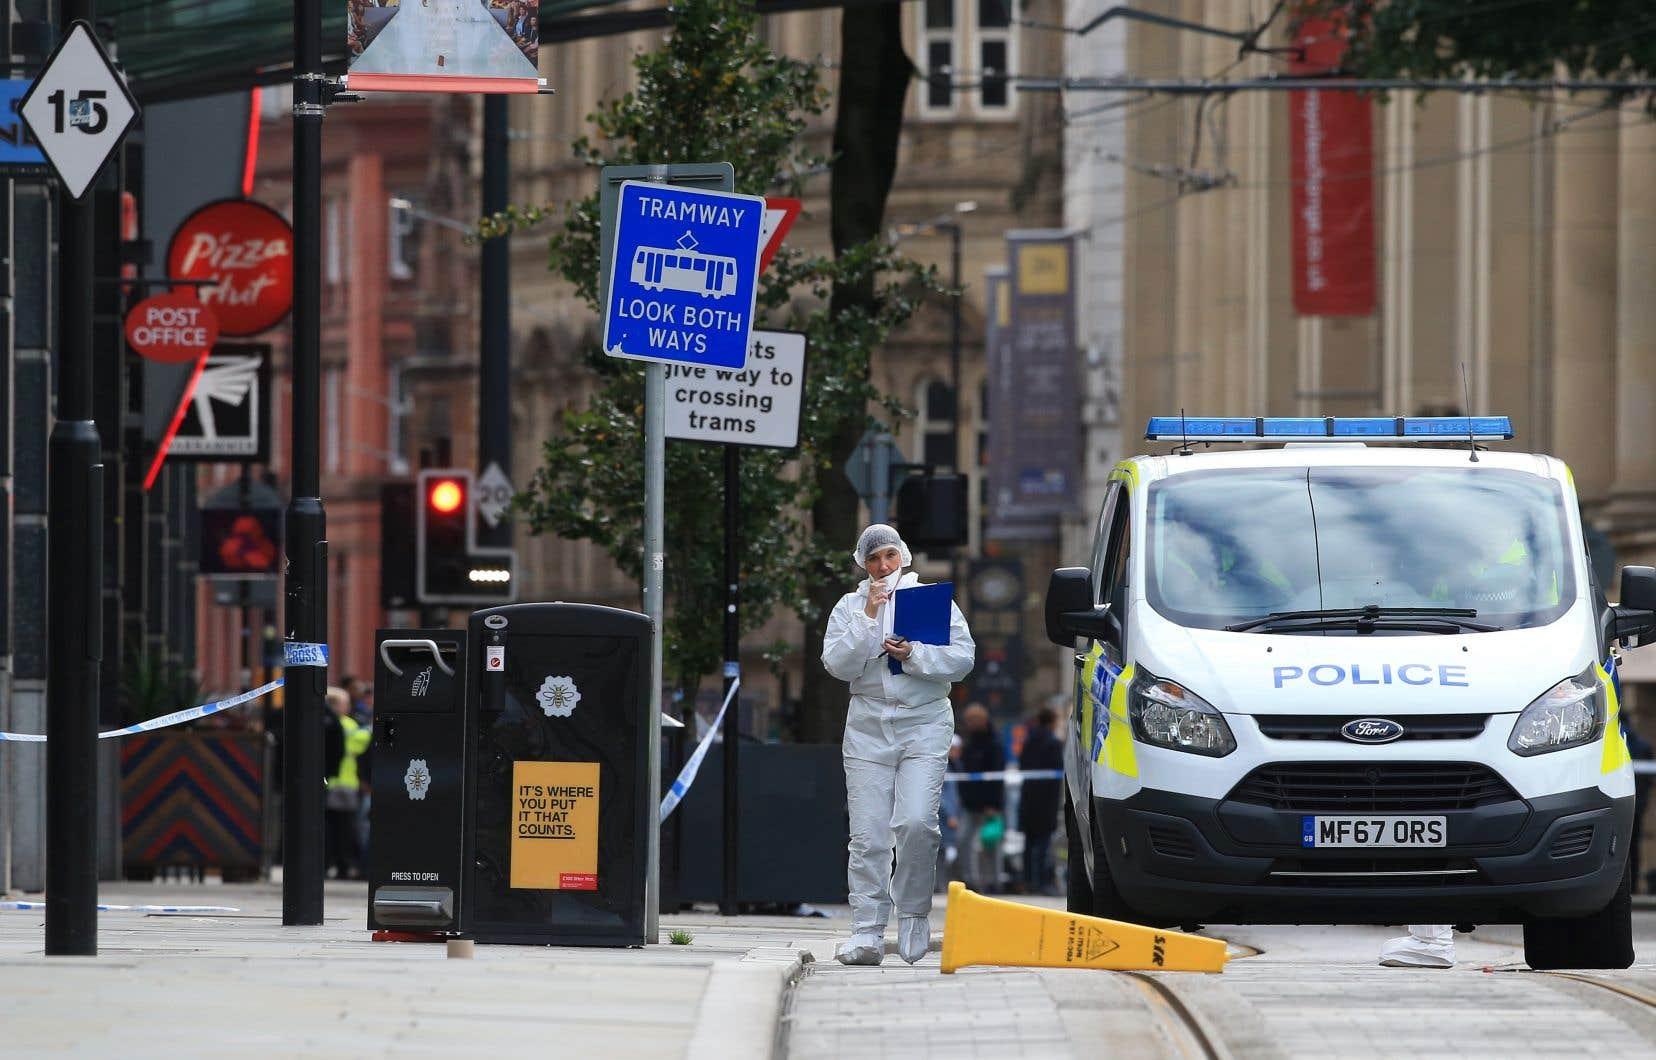 L'attaque a eu lieu vers 11h15 locales (6h15 à Montréal) et a entraîné le déploiement d'un important dispositif de sécurité à Manchester.